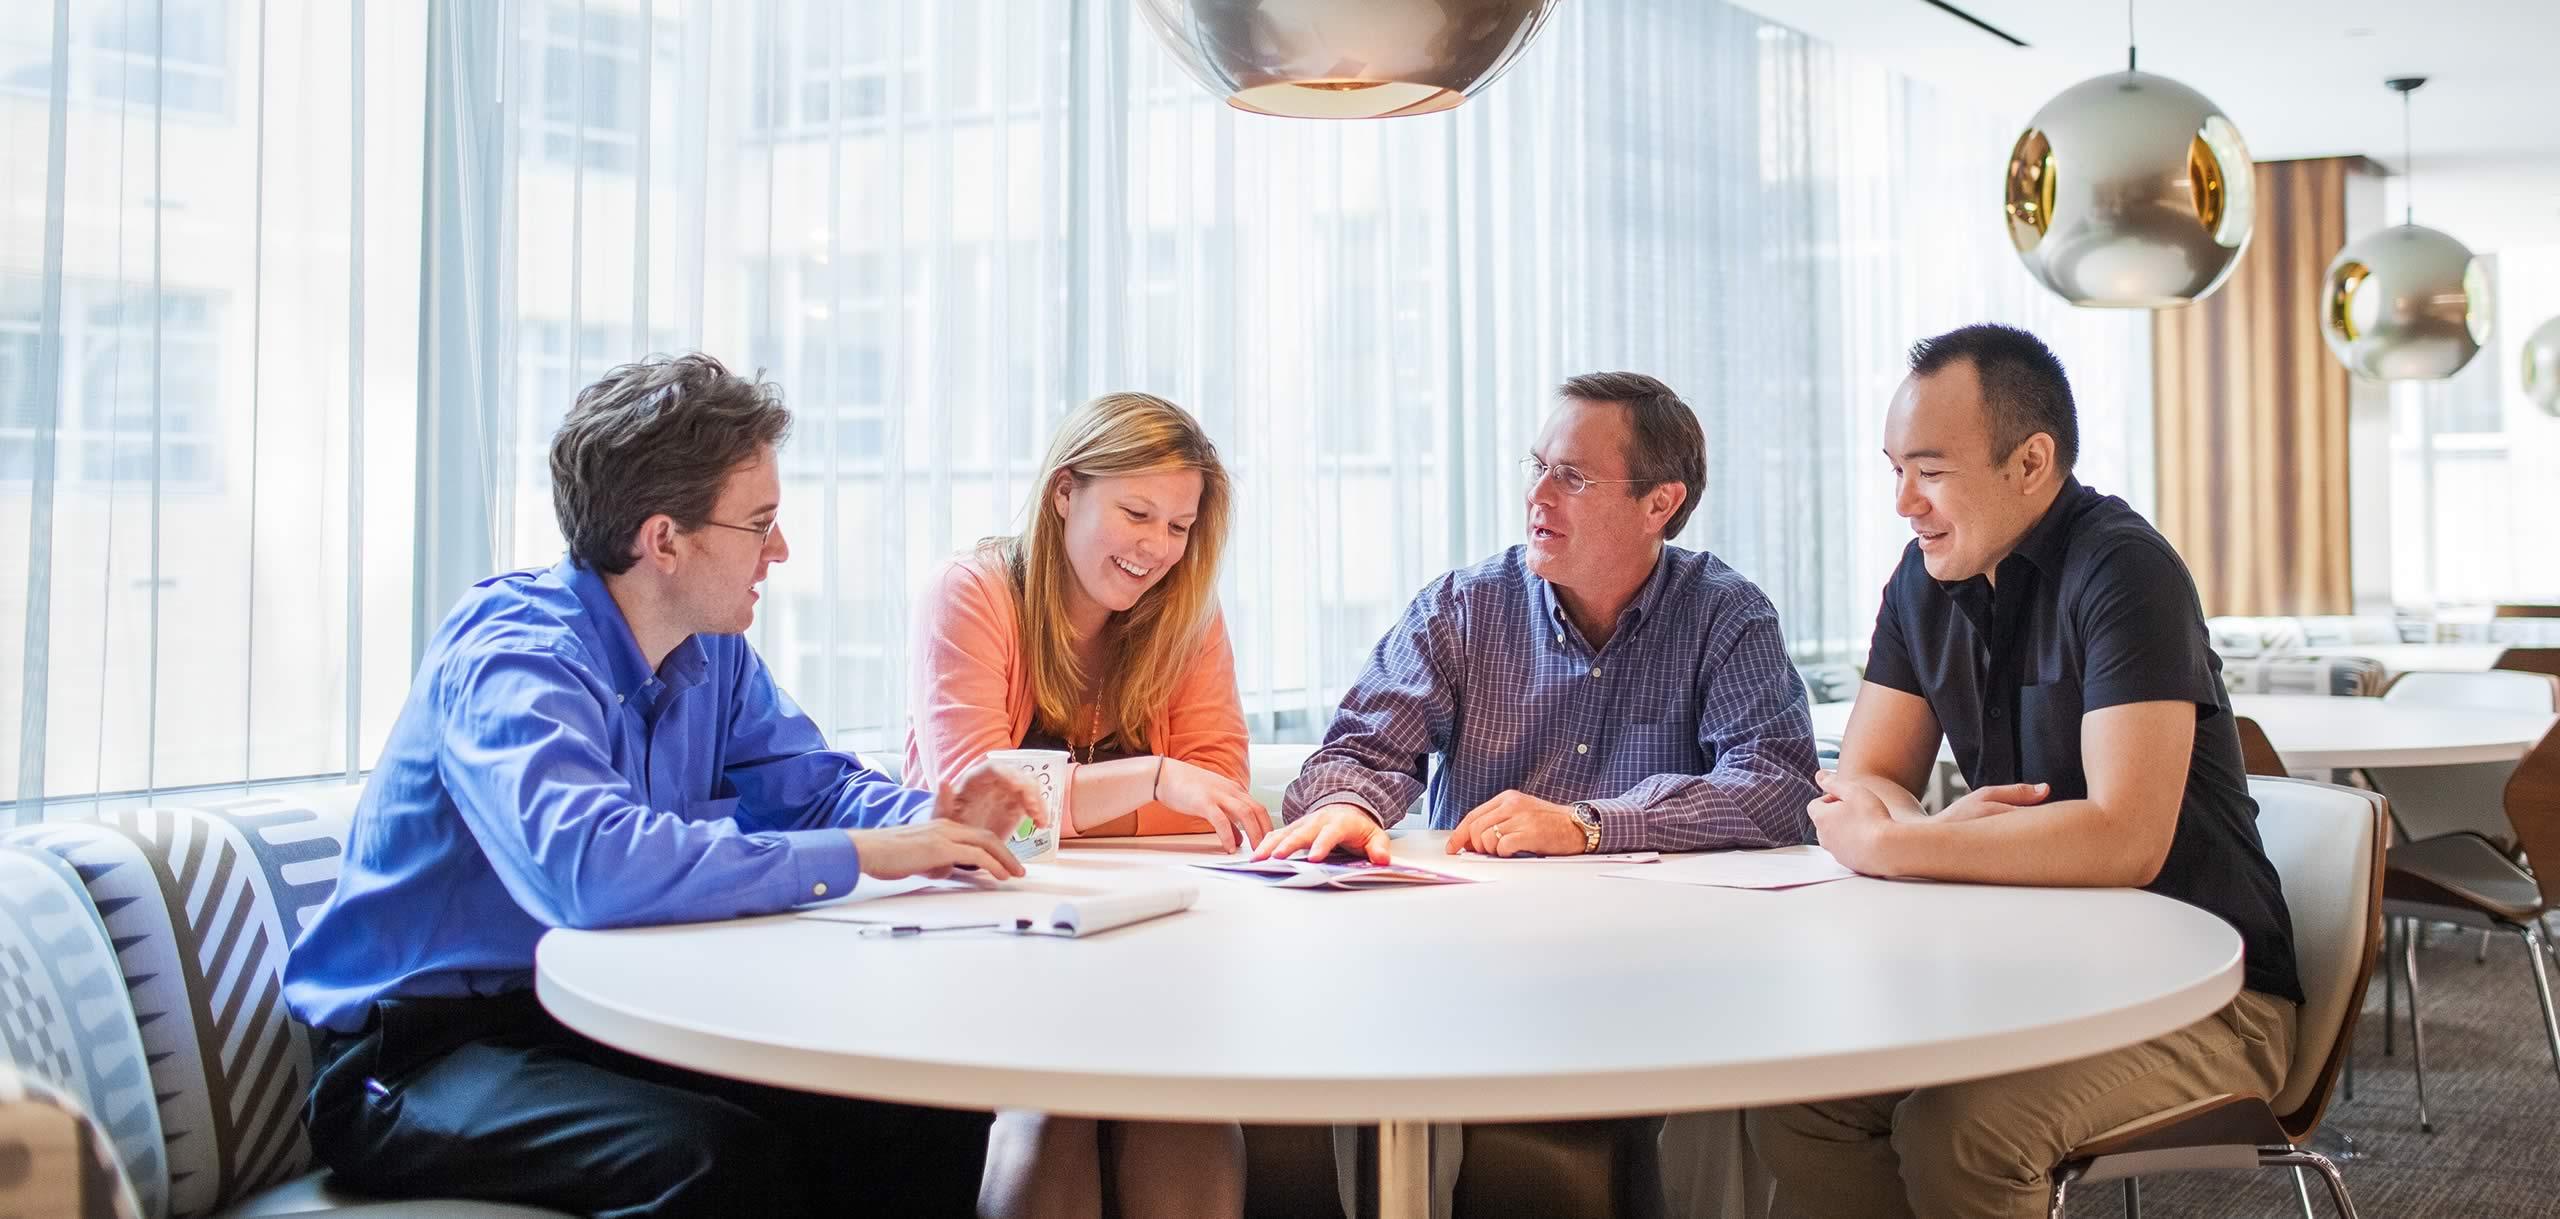 Summer Analyst Intern - Analysis Group